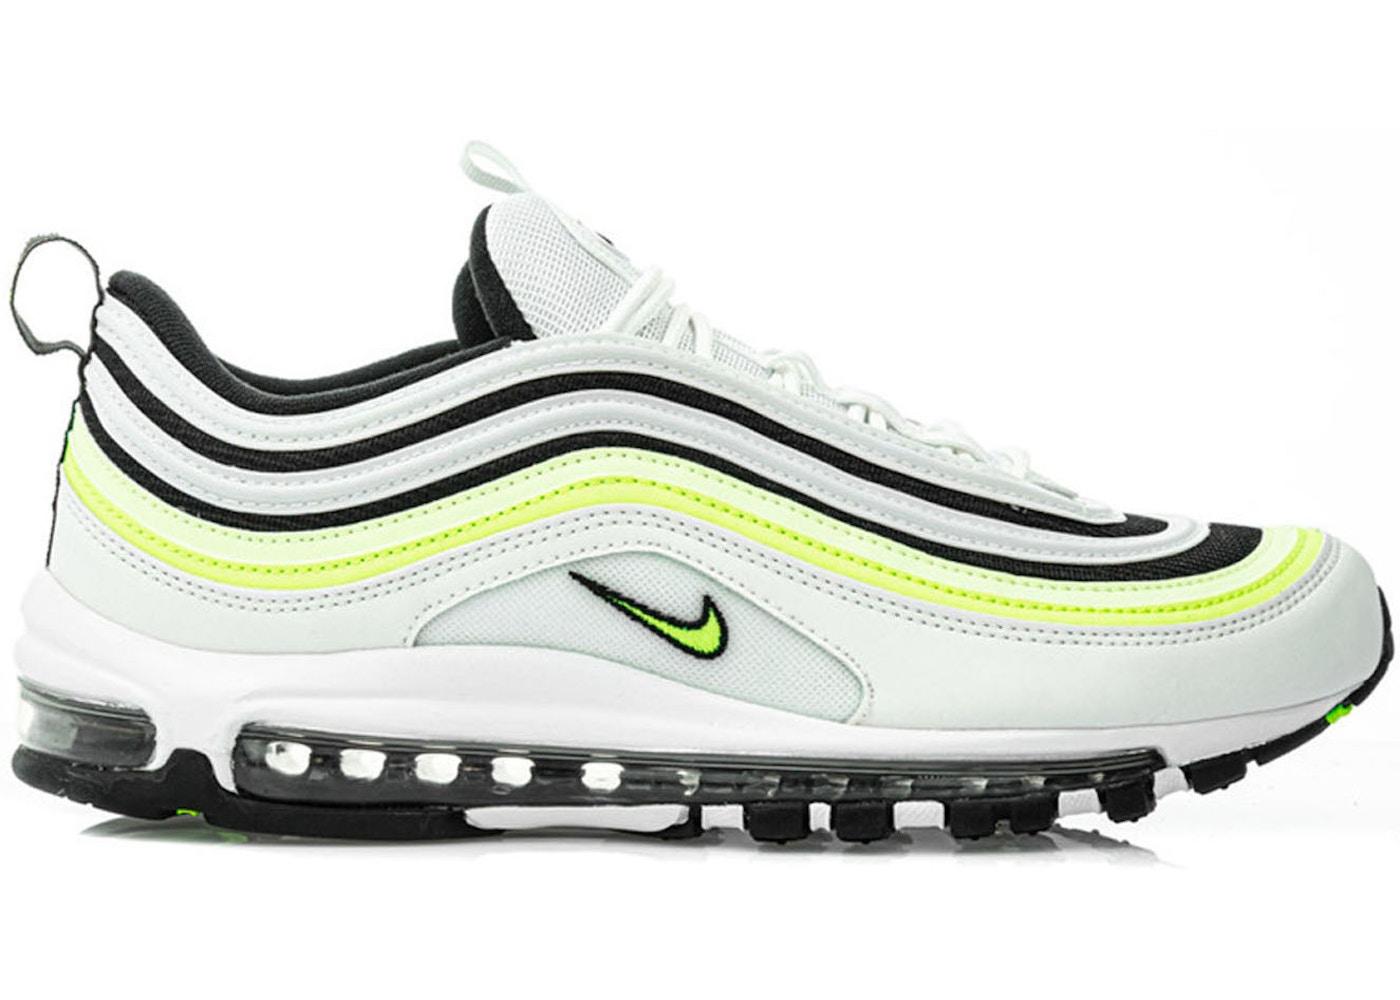 Nike Air Max 97 White Black Volt Aq4126 101